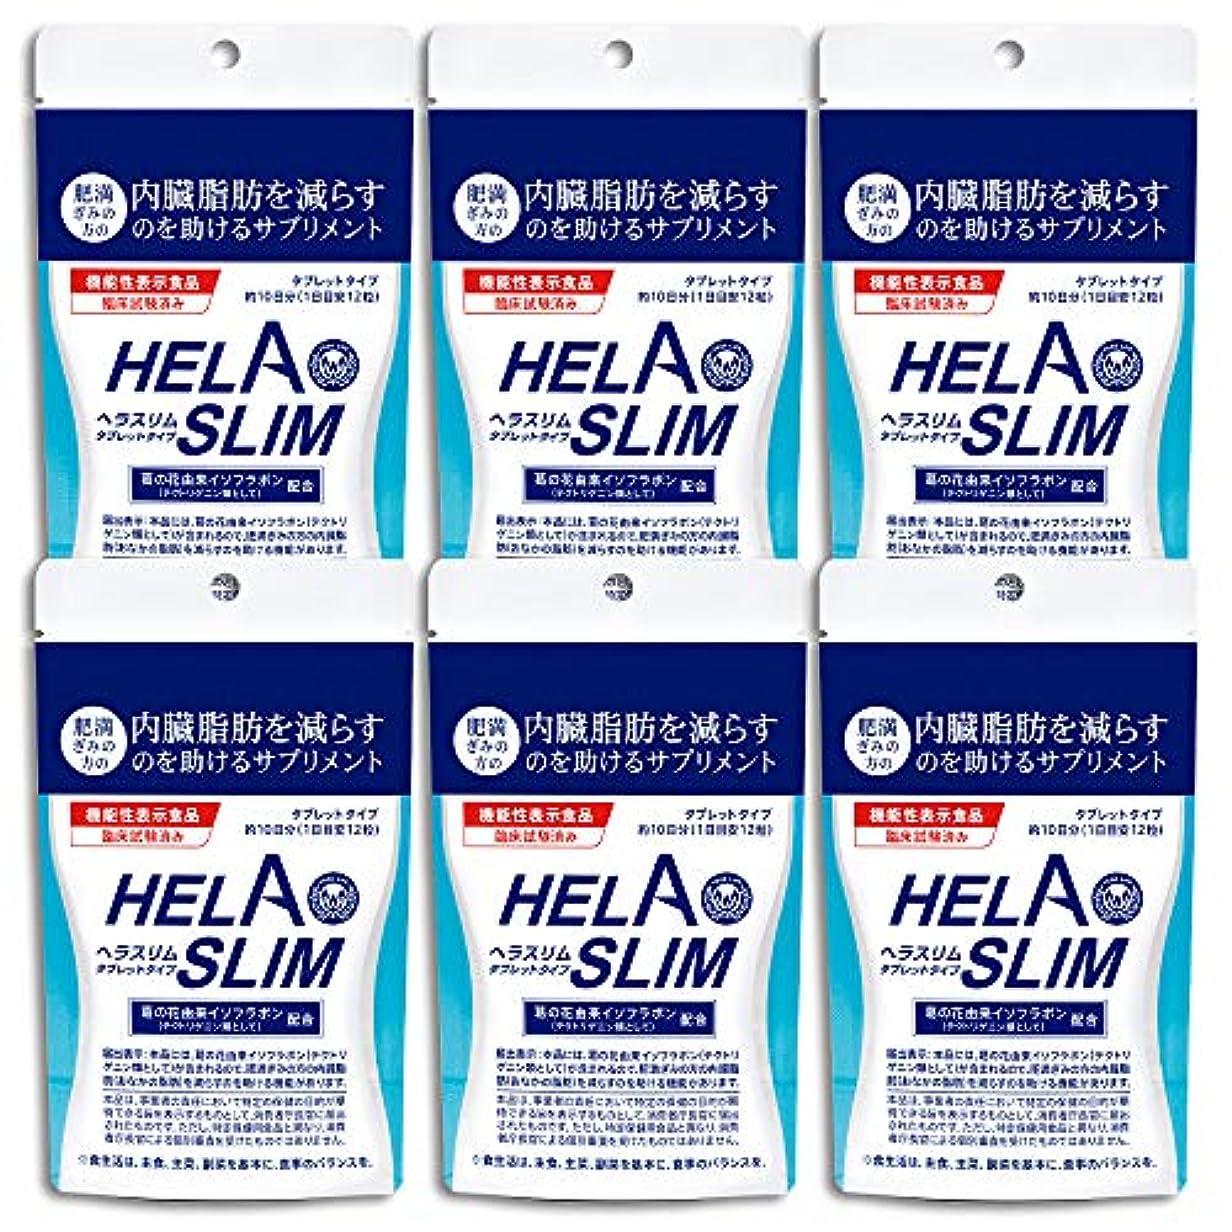 テーマ性的差別化する【6袋セット】HELASLIM(120粒入り)アルミパック